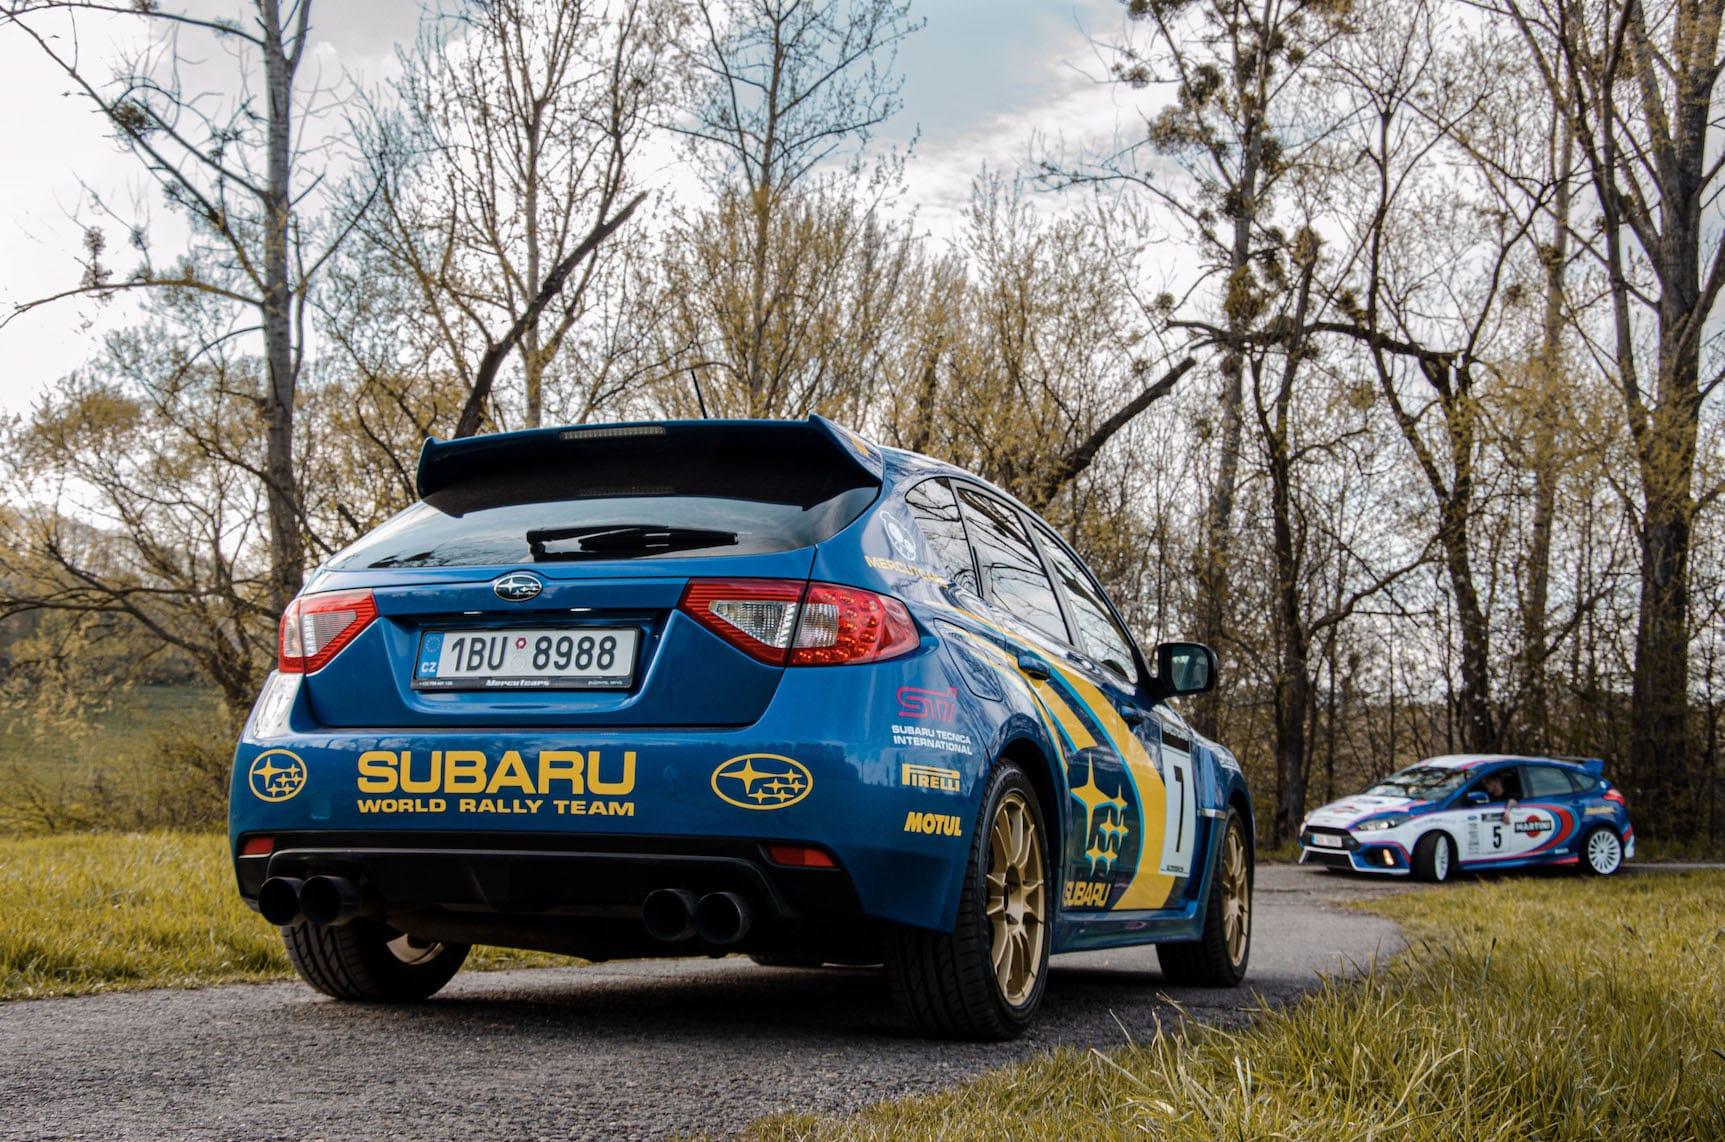 Subaru WRX STi 4